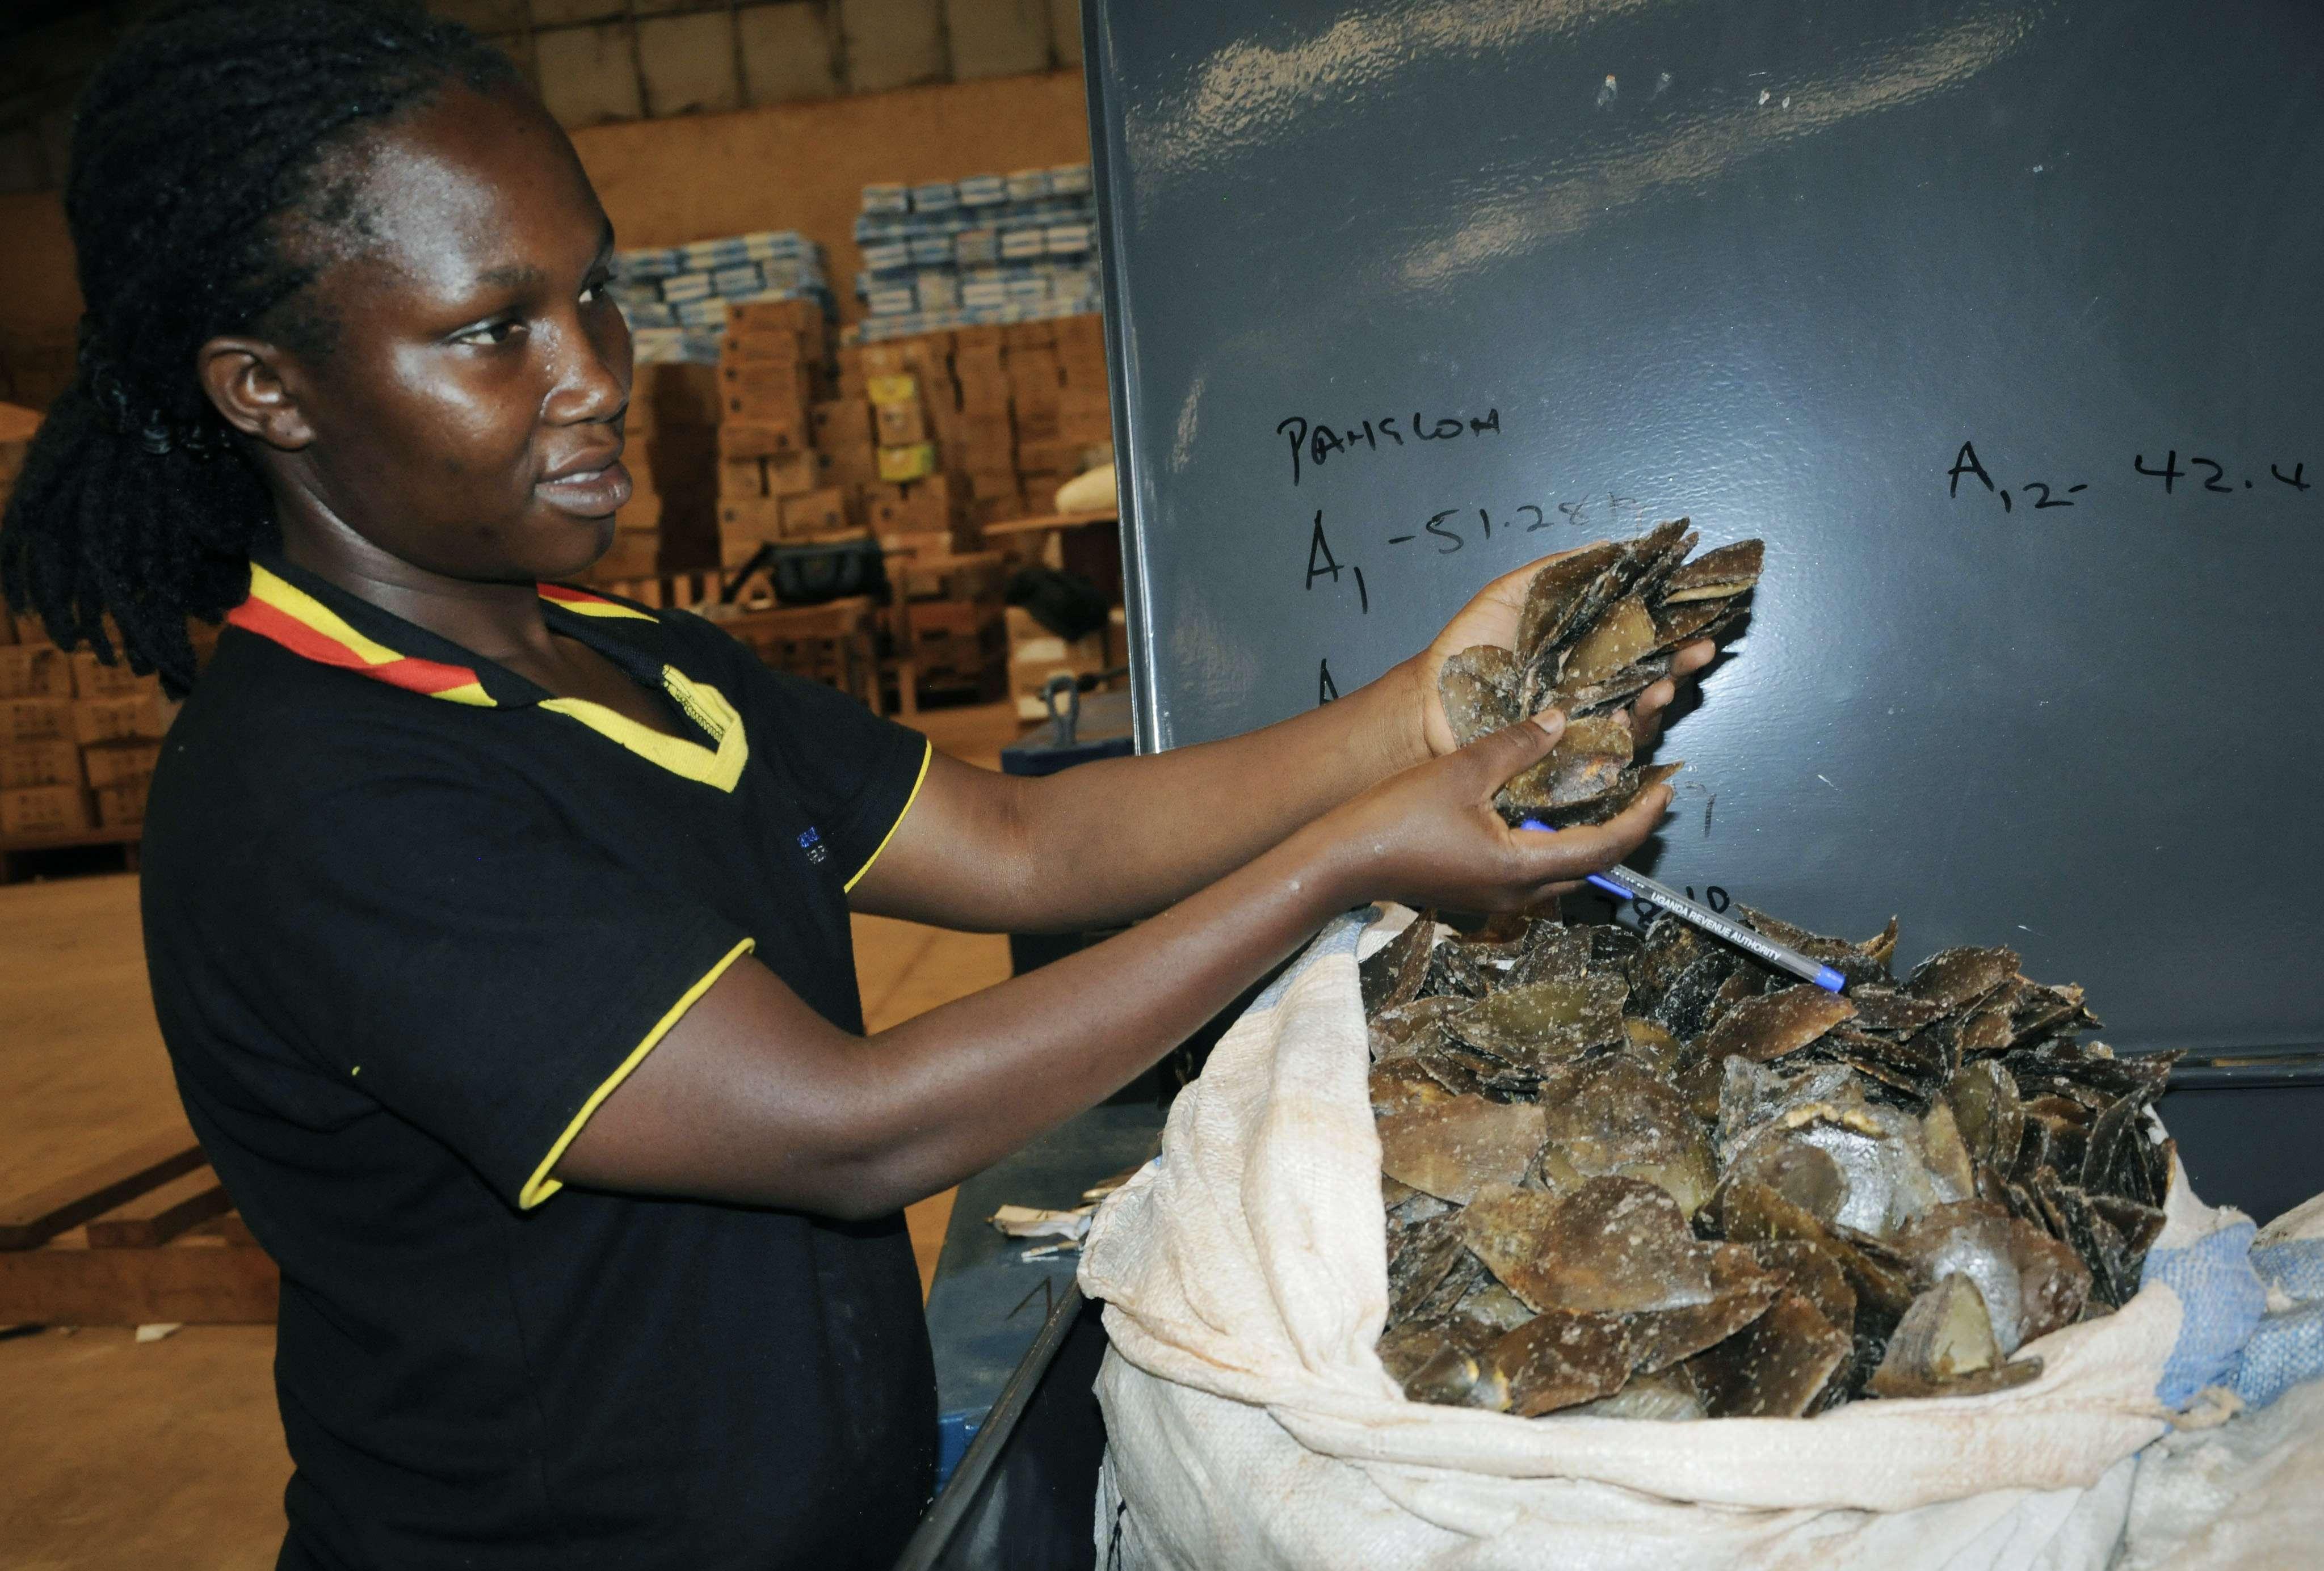 Un agent des douanes montre des écailles de pangolin saisies à Kampala, en Ouganda, le 1er février 2019.